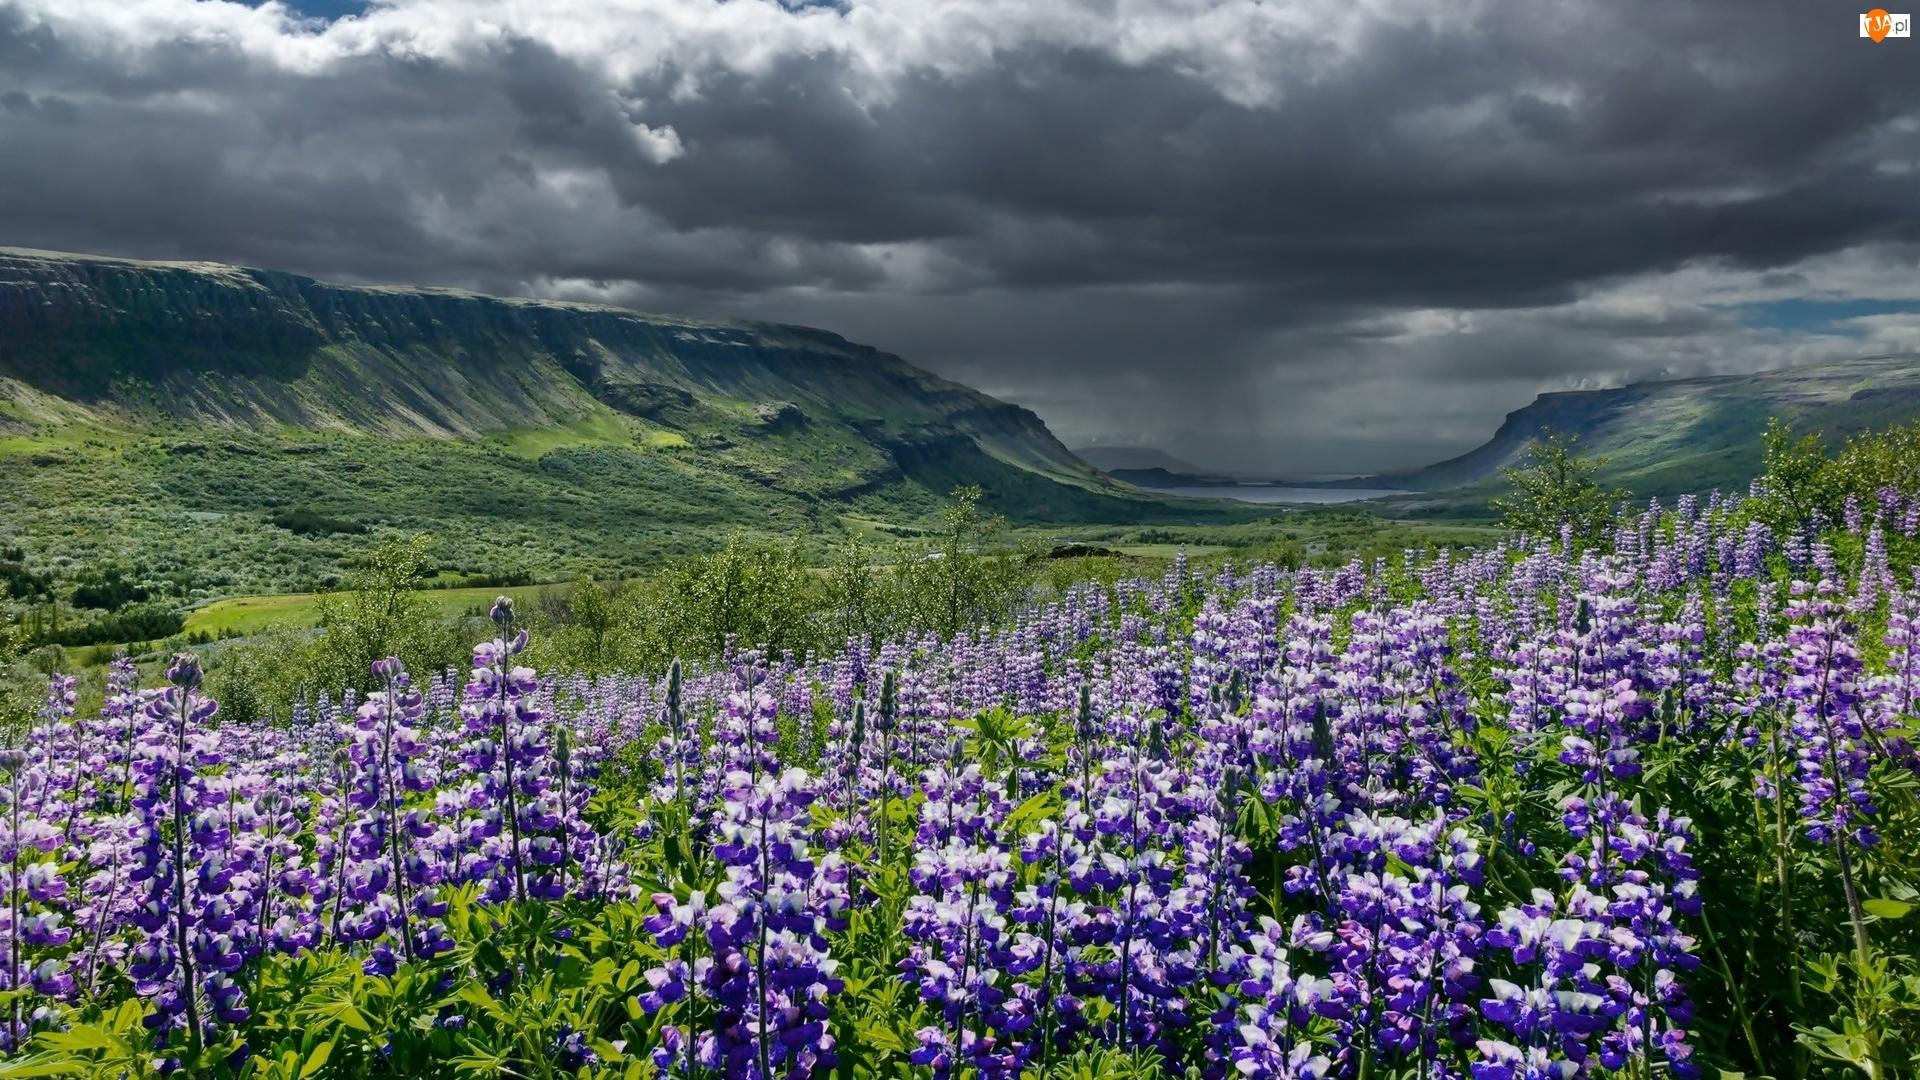 Kwiaty, Góry, Islandia, Chmury, Fioletowe, Łubin